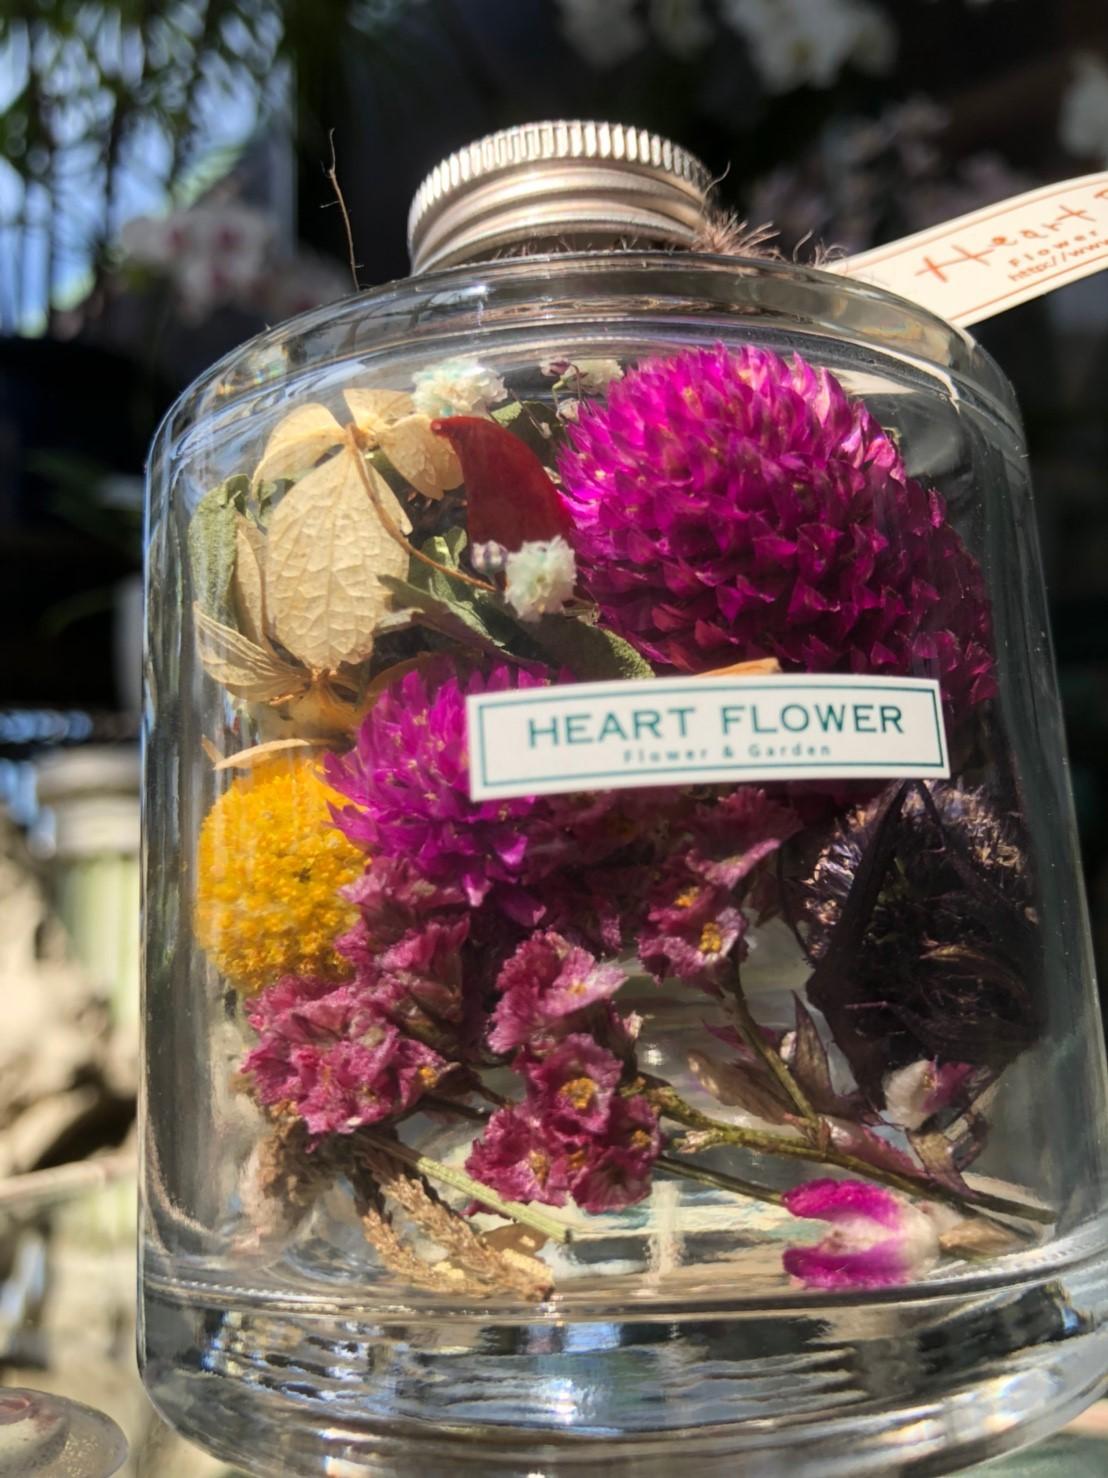 フラワーボトル colors - made by Heartflower